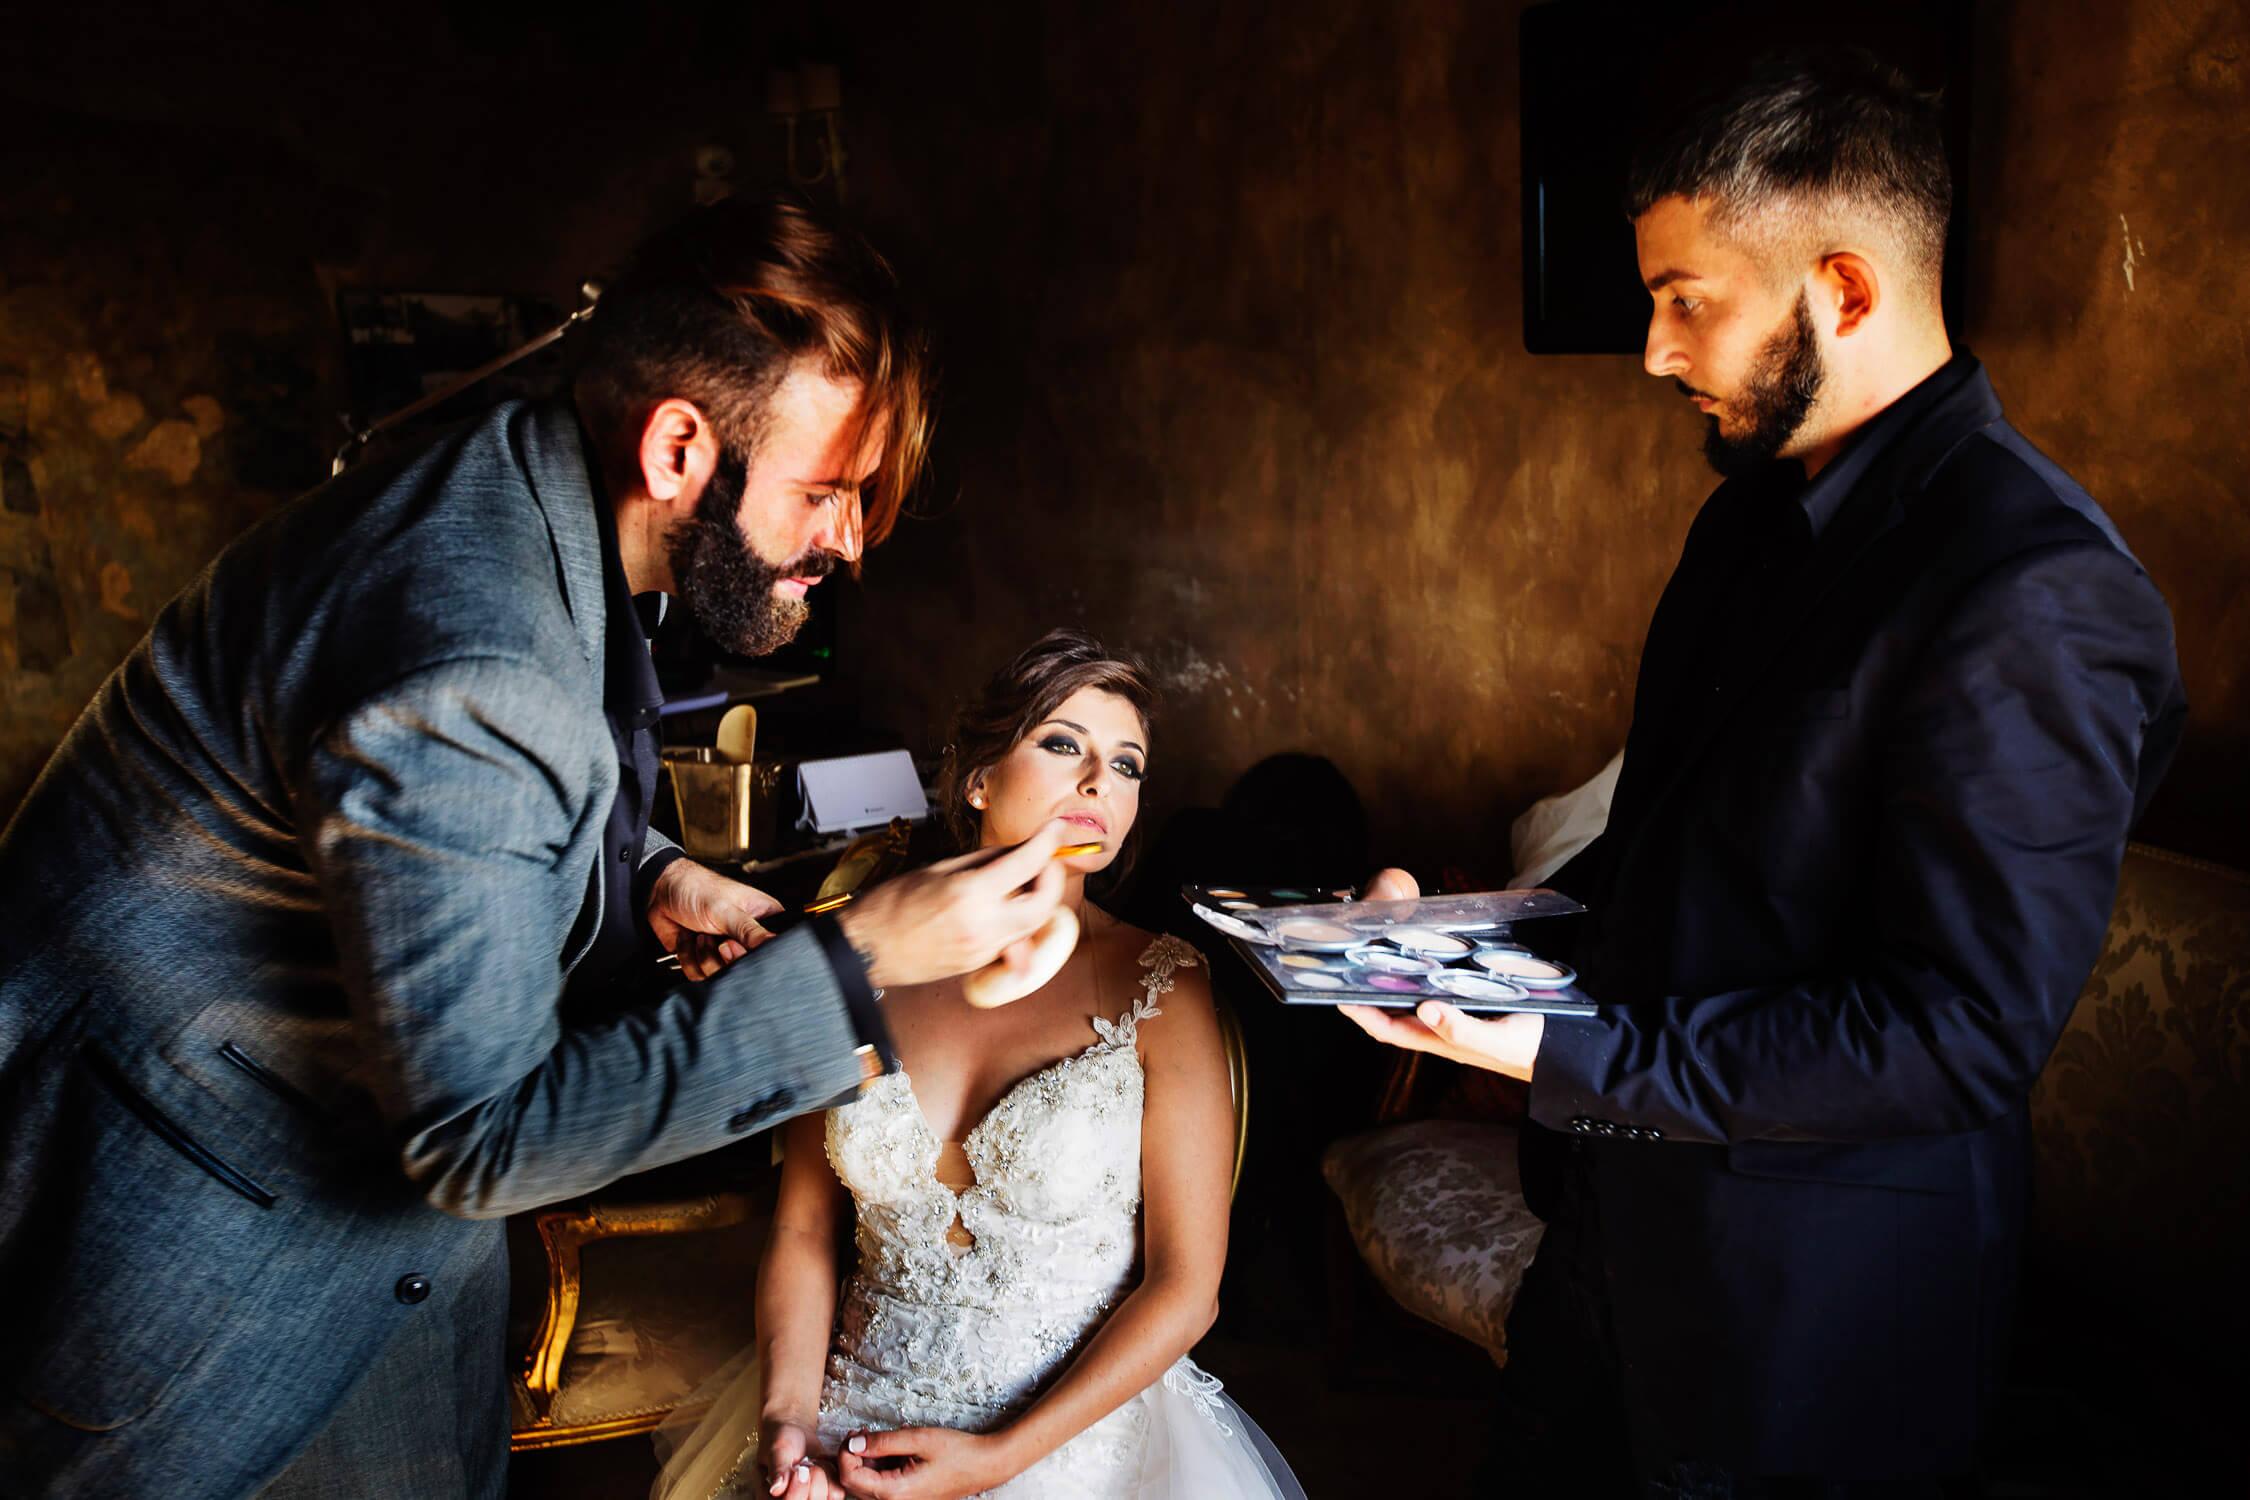 Sembra quasi un dipinto romantico dell sposa con il suo makeup artist Orazio Tomarchio, foto per matrimoni in Sicilia di Nino Lombardo